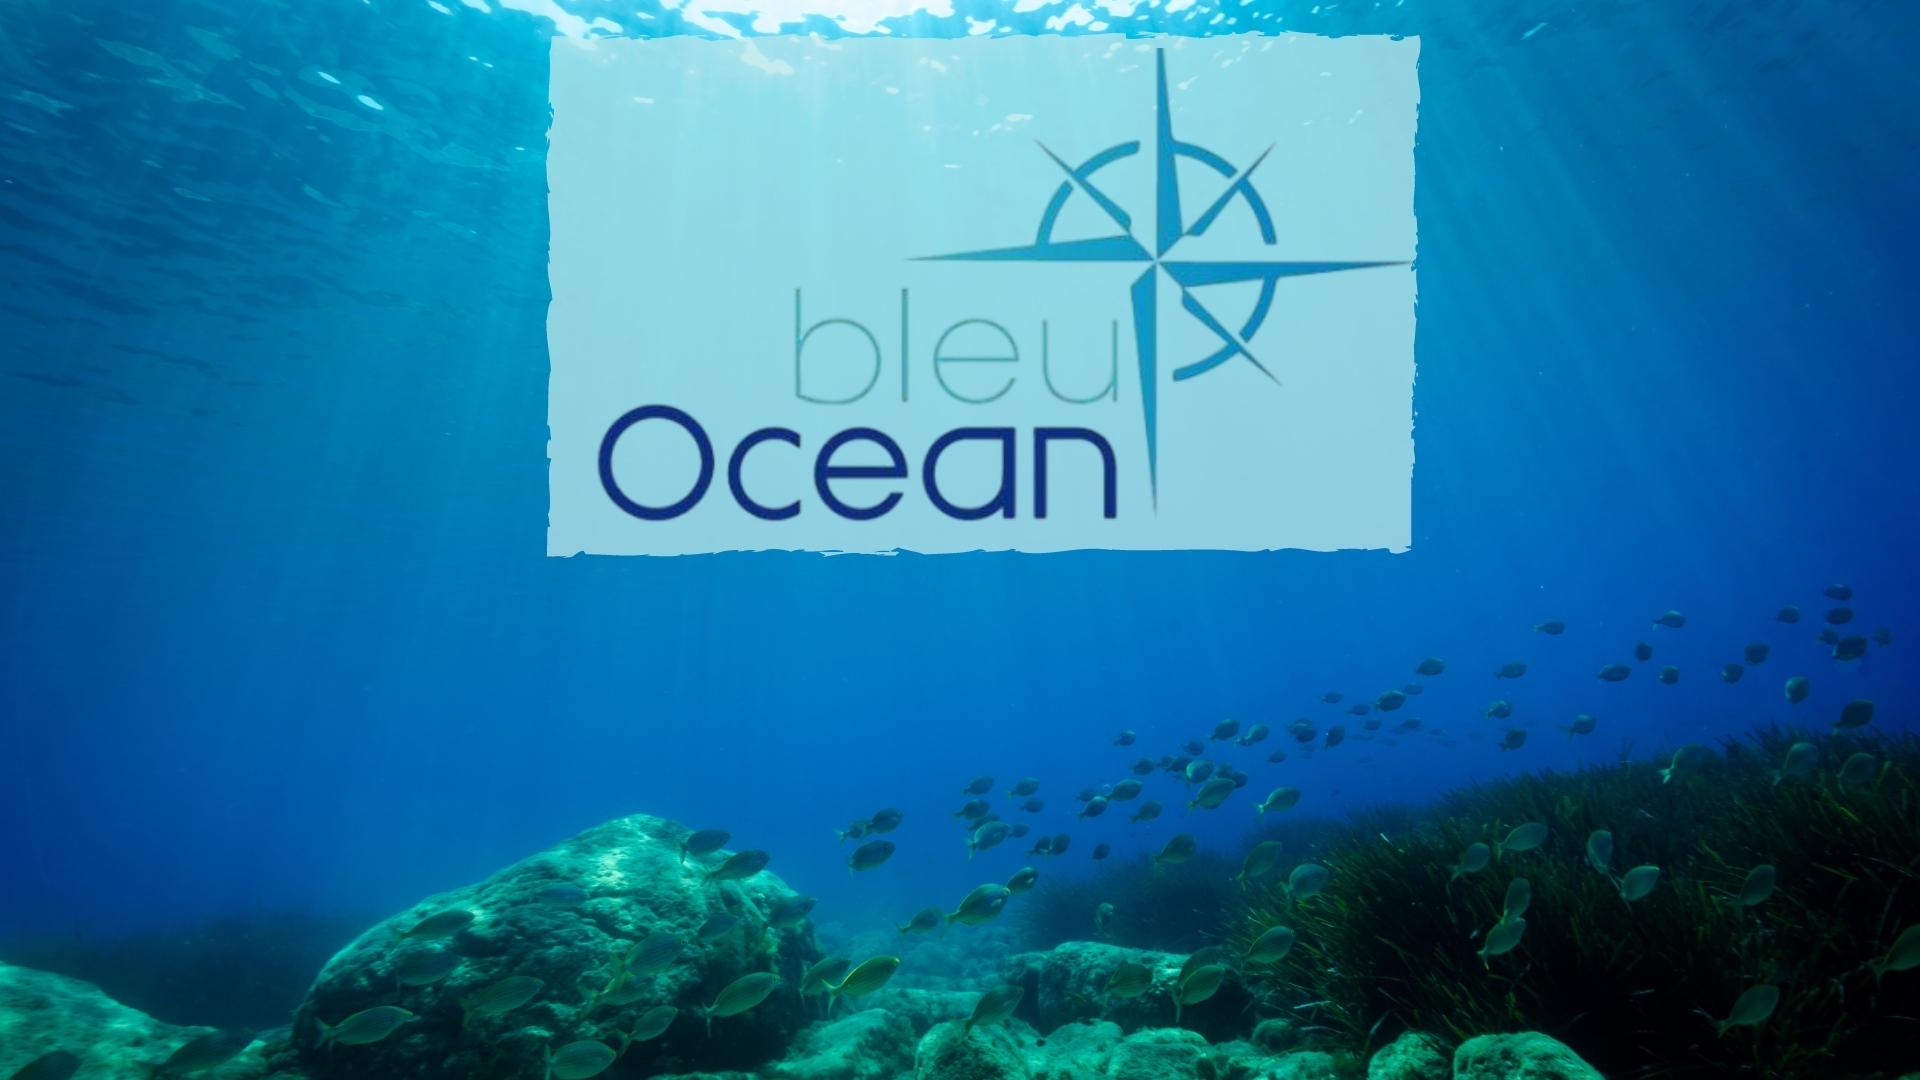 Le doc #4 : Coup de chaud sur les récifs